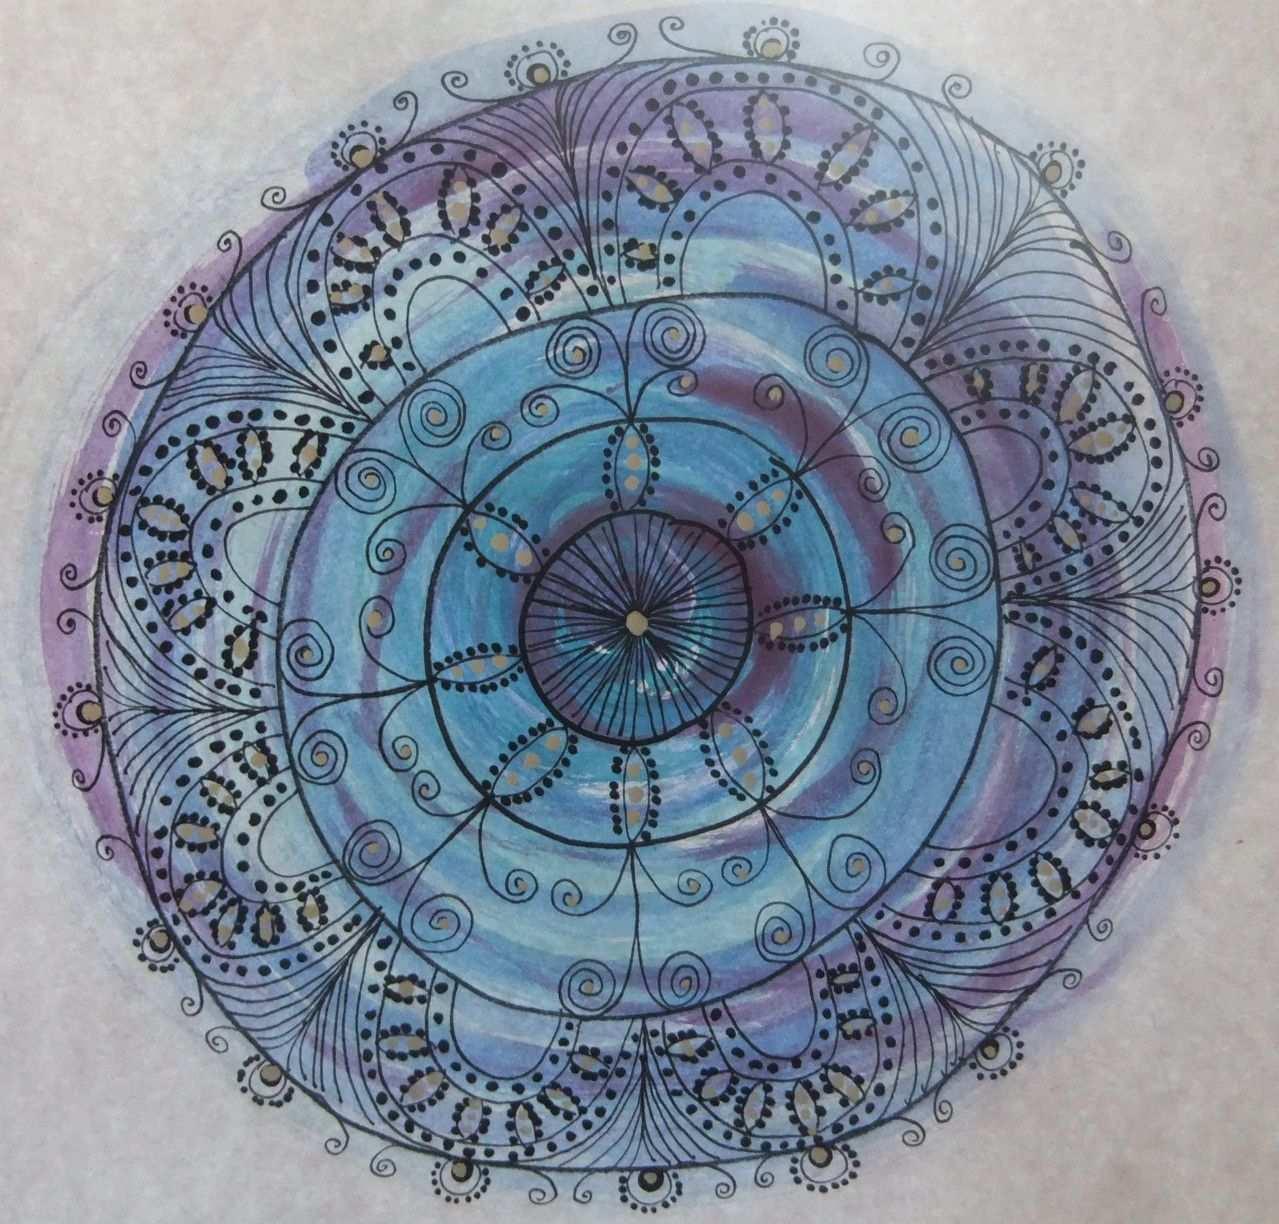 Mandala Malen Mit Wasserfarben Mandala Selber Malen Mandalas Malen Wasserfarben